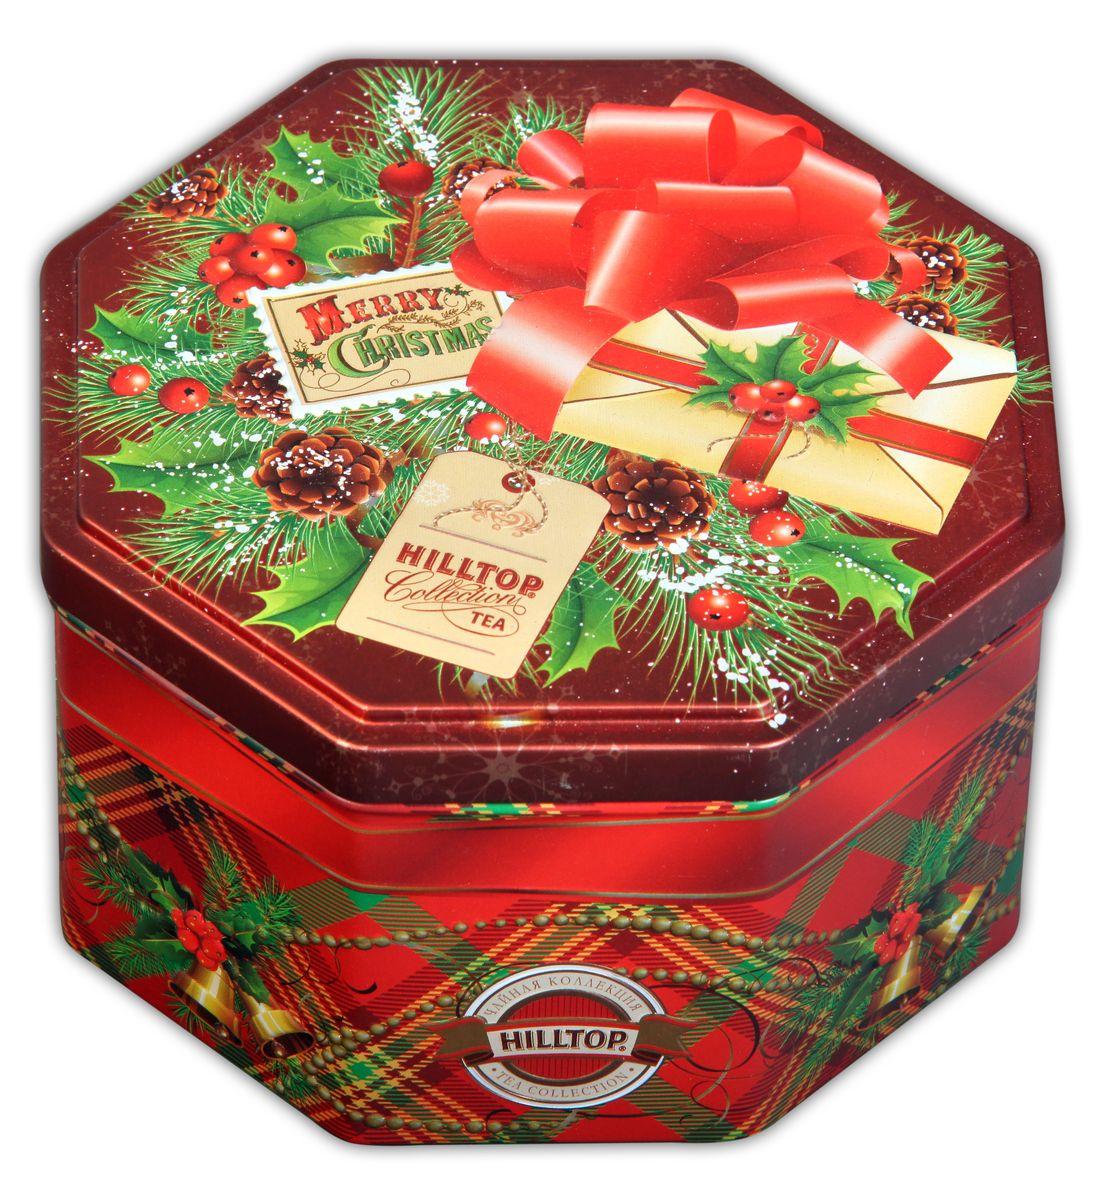 Hilltop С Рождеством Праздничный черный листовой чай, 150 г4607099302228Hilltop С Рождеством - крупнолистовой черный чай с цветами календулы и василька. Содержит сладкие цукаты манго и банана